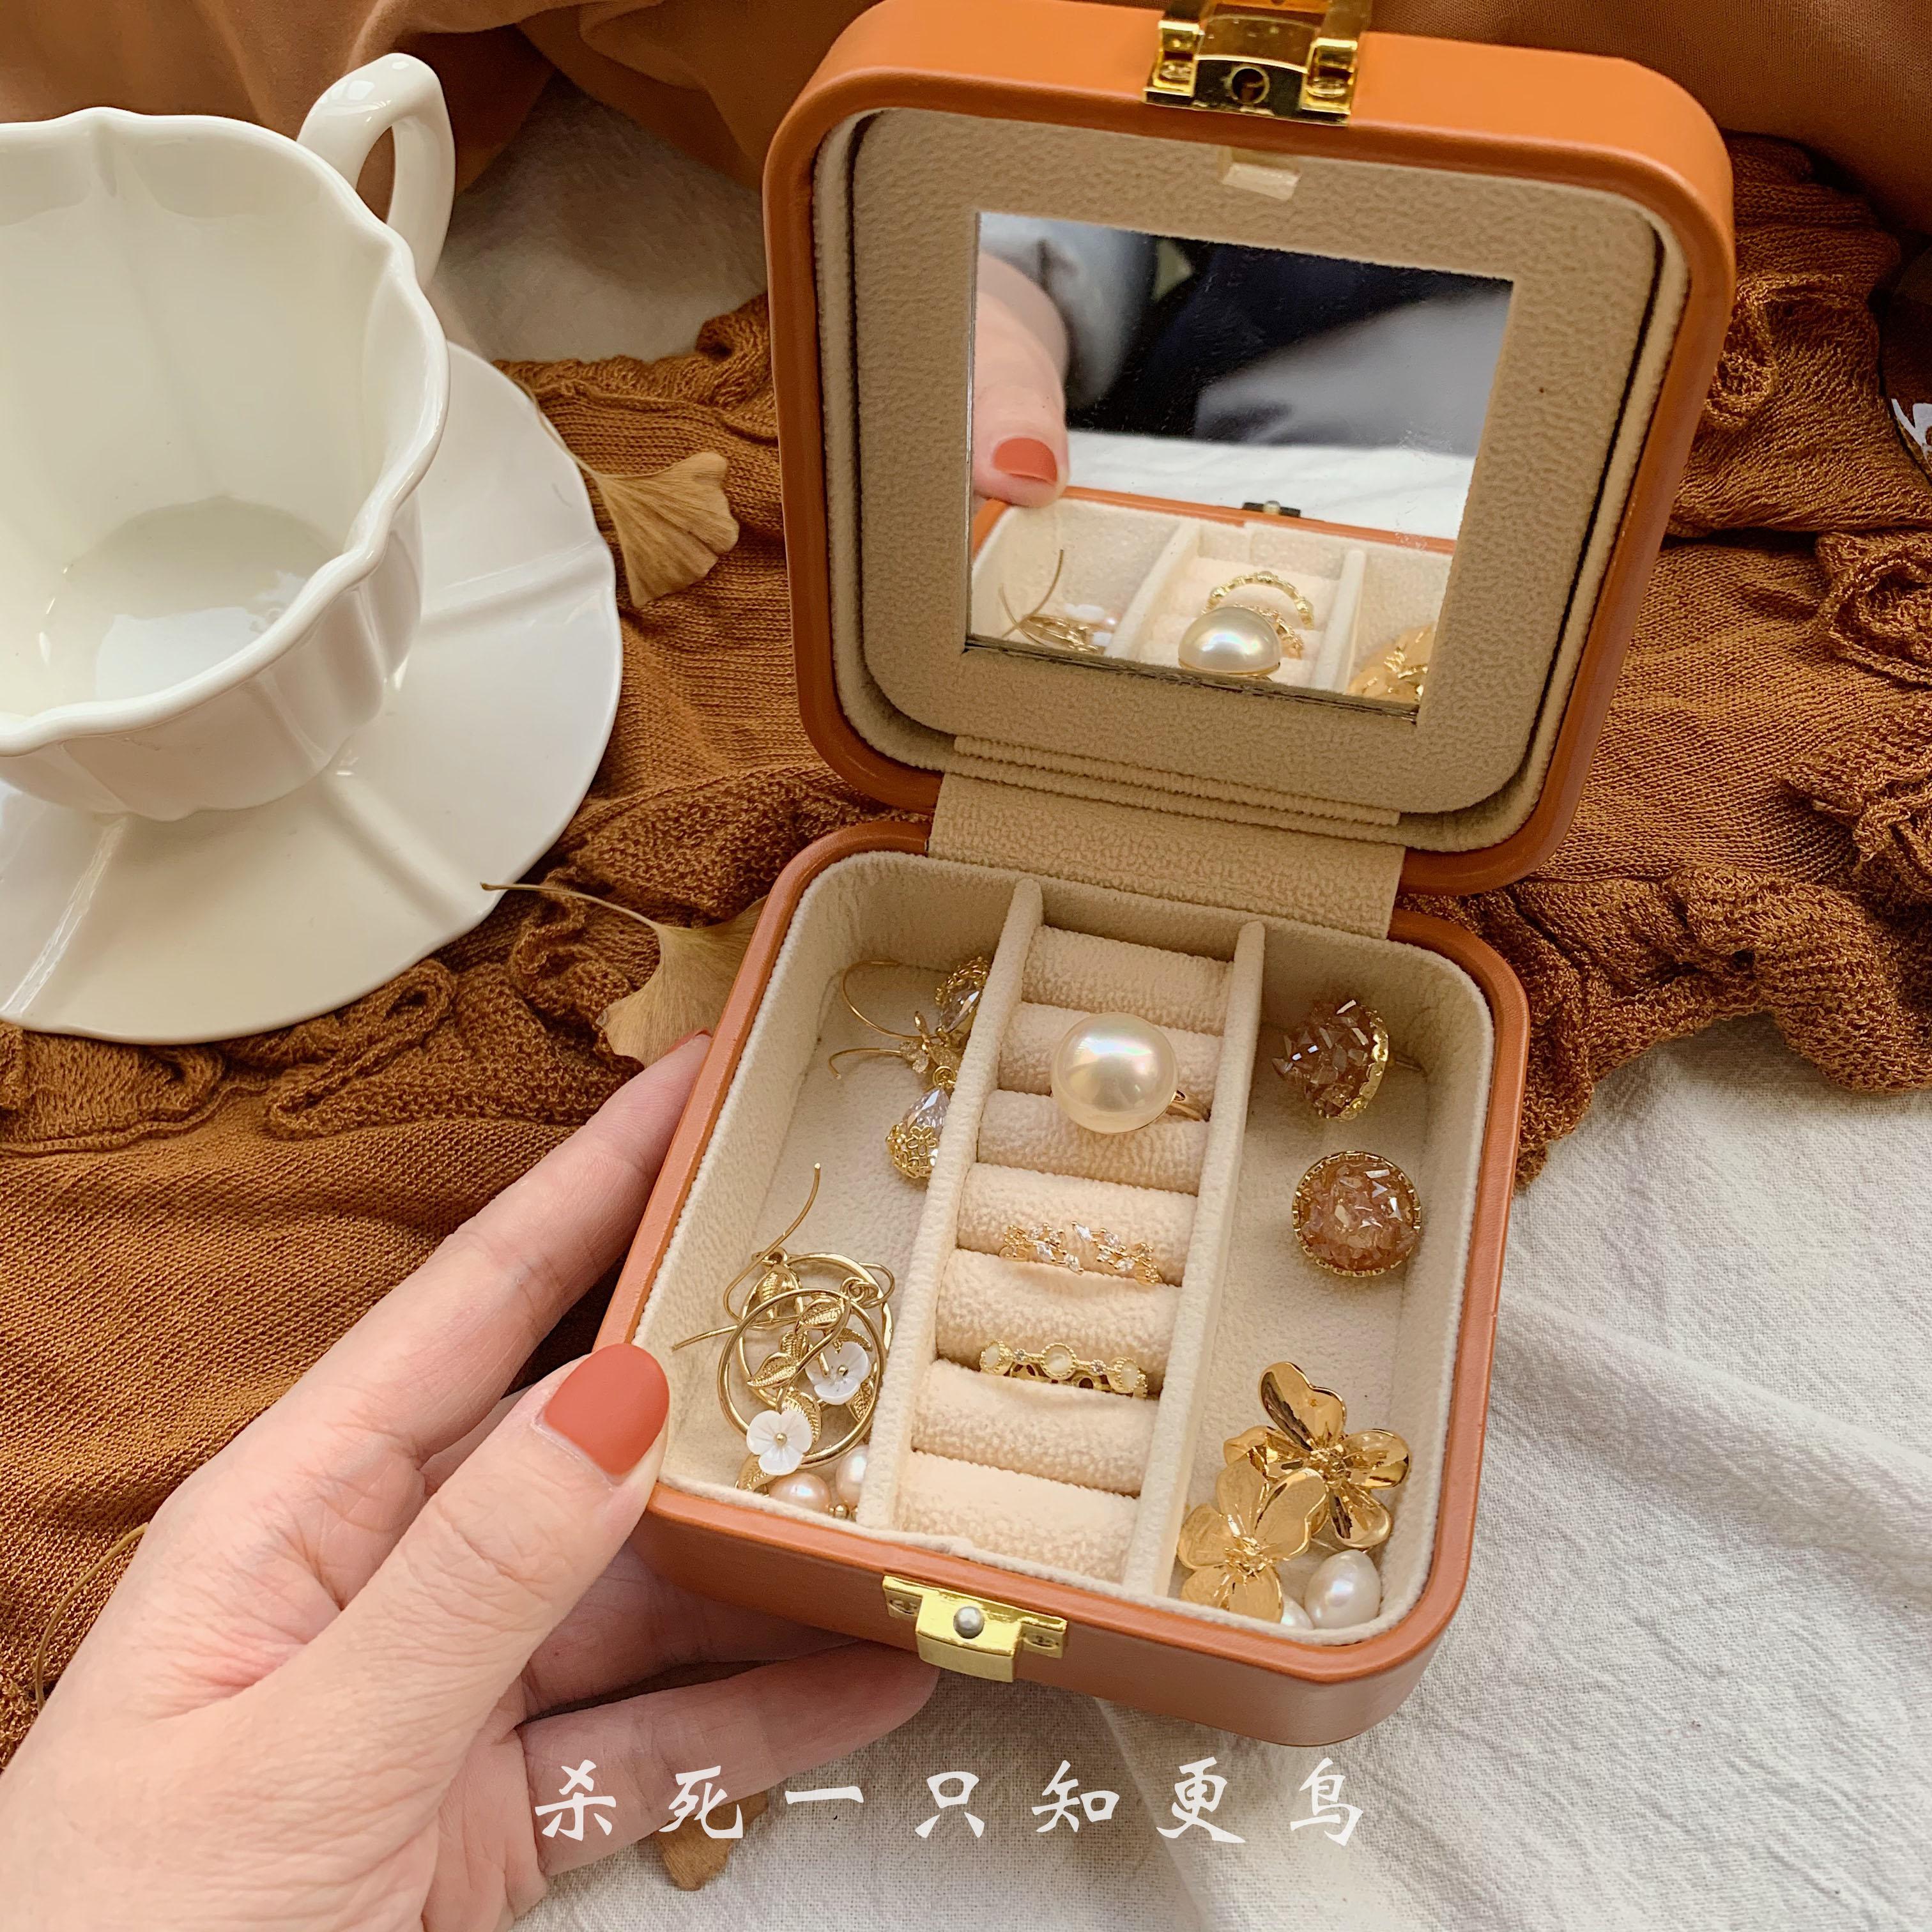 「知更鸟」包邮南瓜色ins风皮质绒面收纳盒戒指耳环便携首饰盒女图片